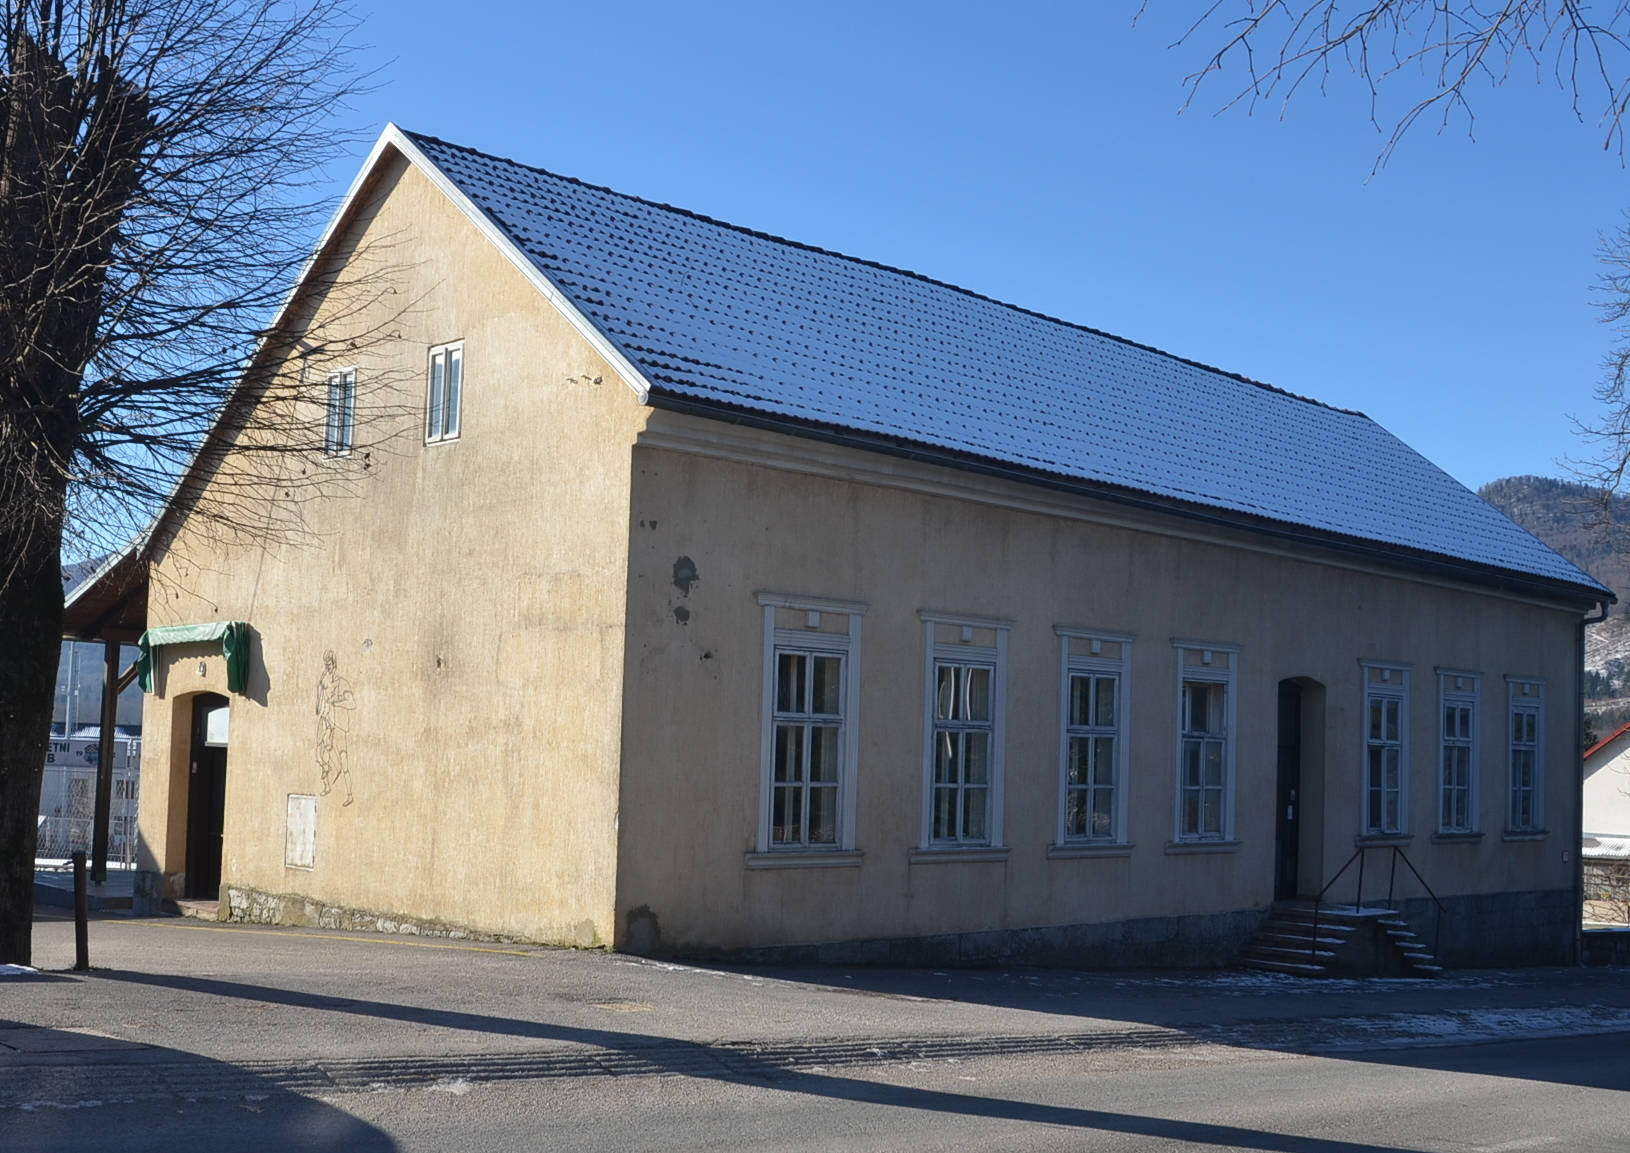 Zgrada u kojoj će biti ureðene svlačionice i prostor za smještaj sportskih ekipa u Vrbovskom / Snimio M. KRMPOTIĆ